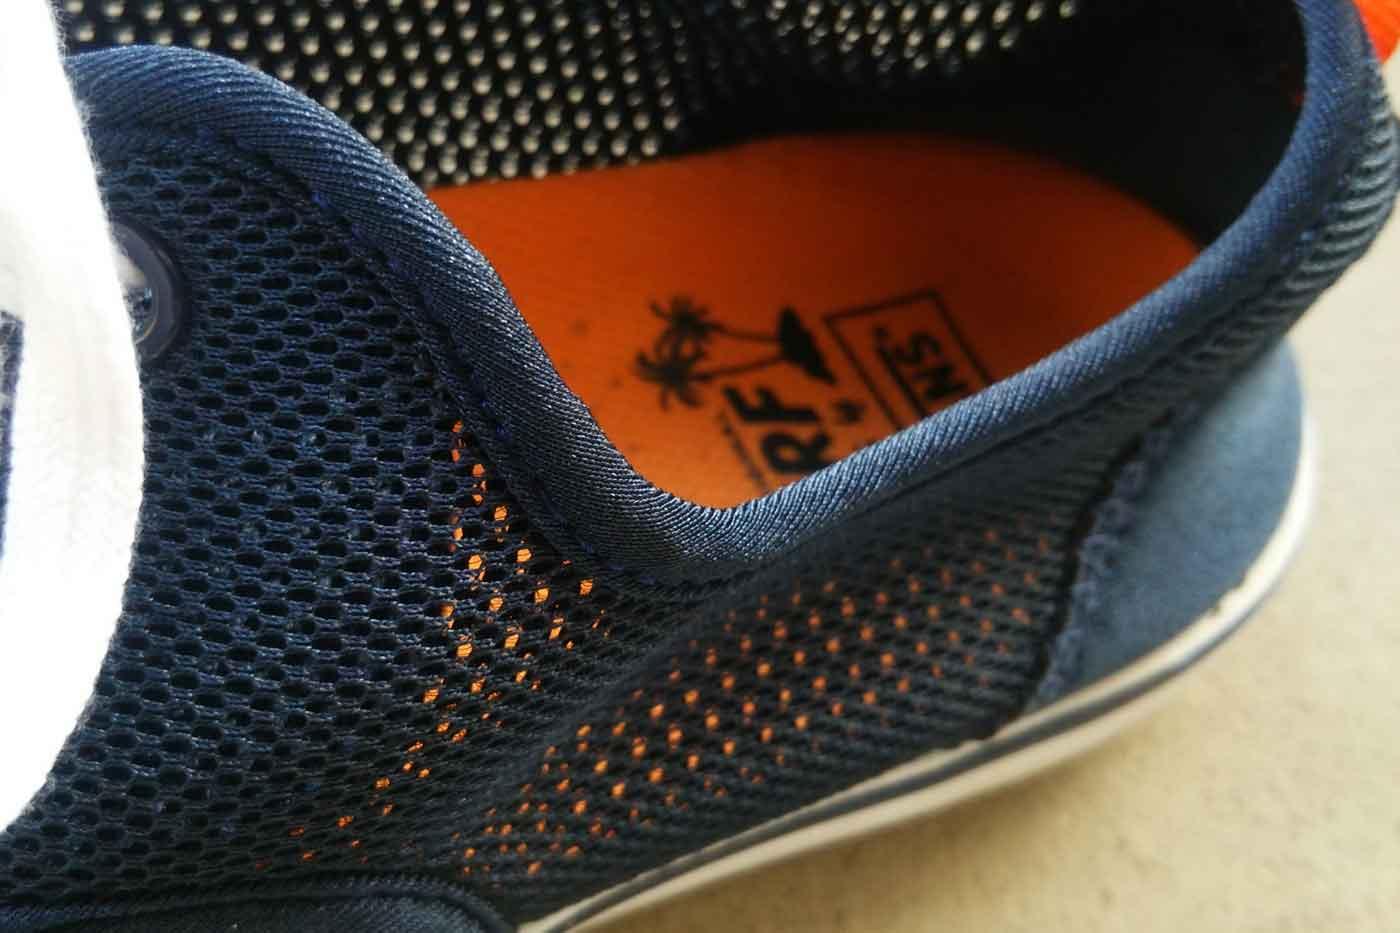 ... 最高の靴。 | soplog(そぷログ